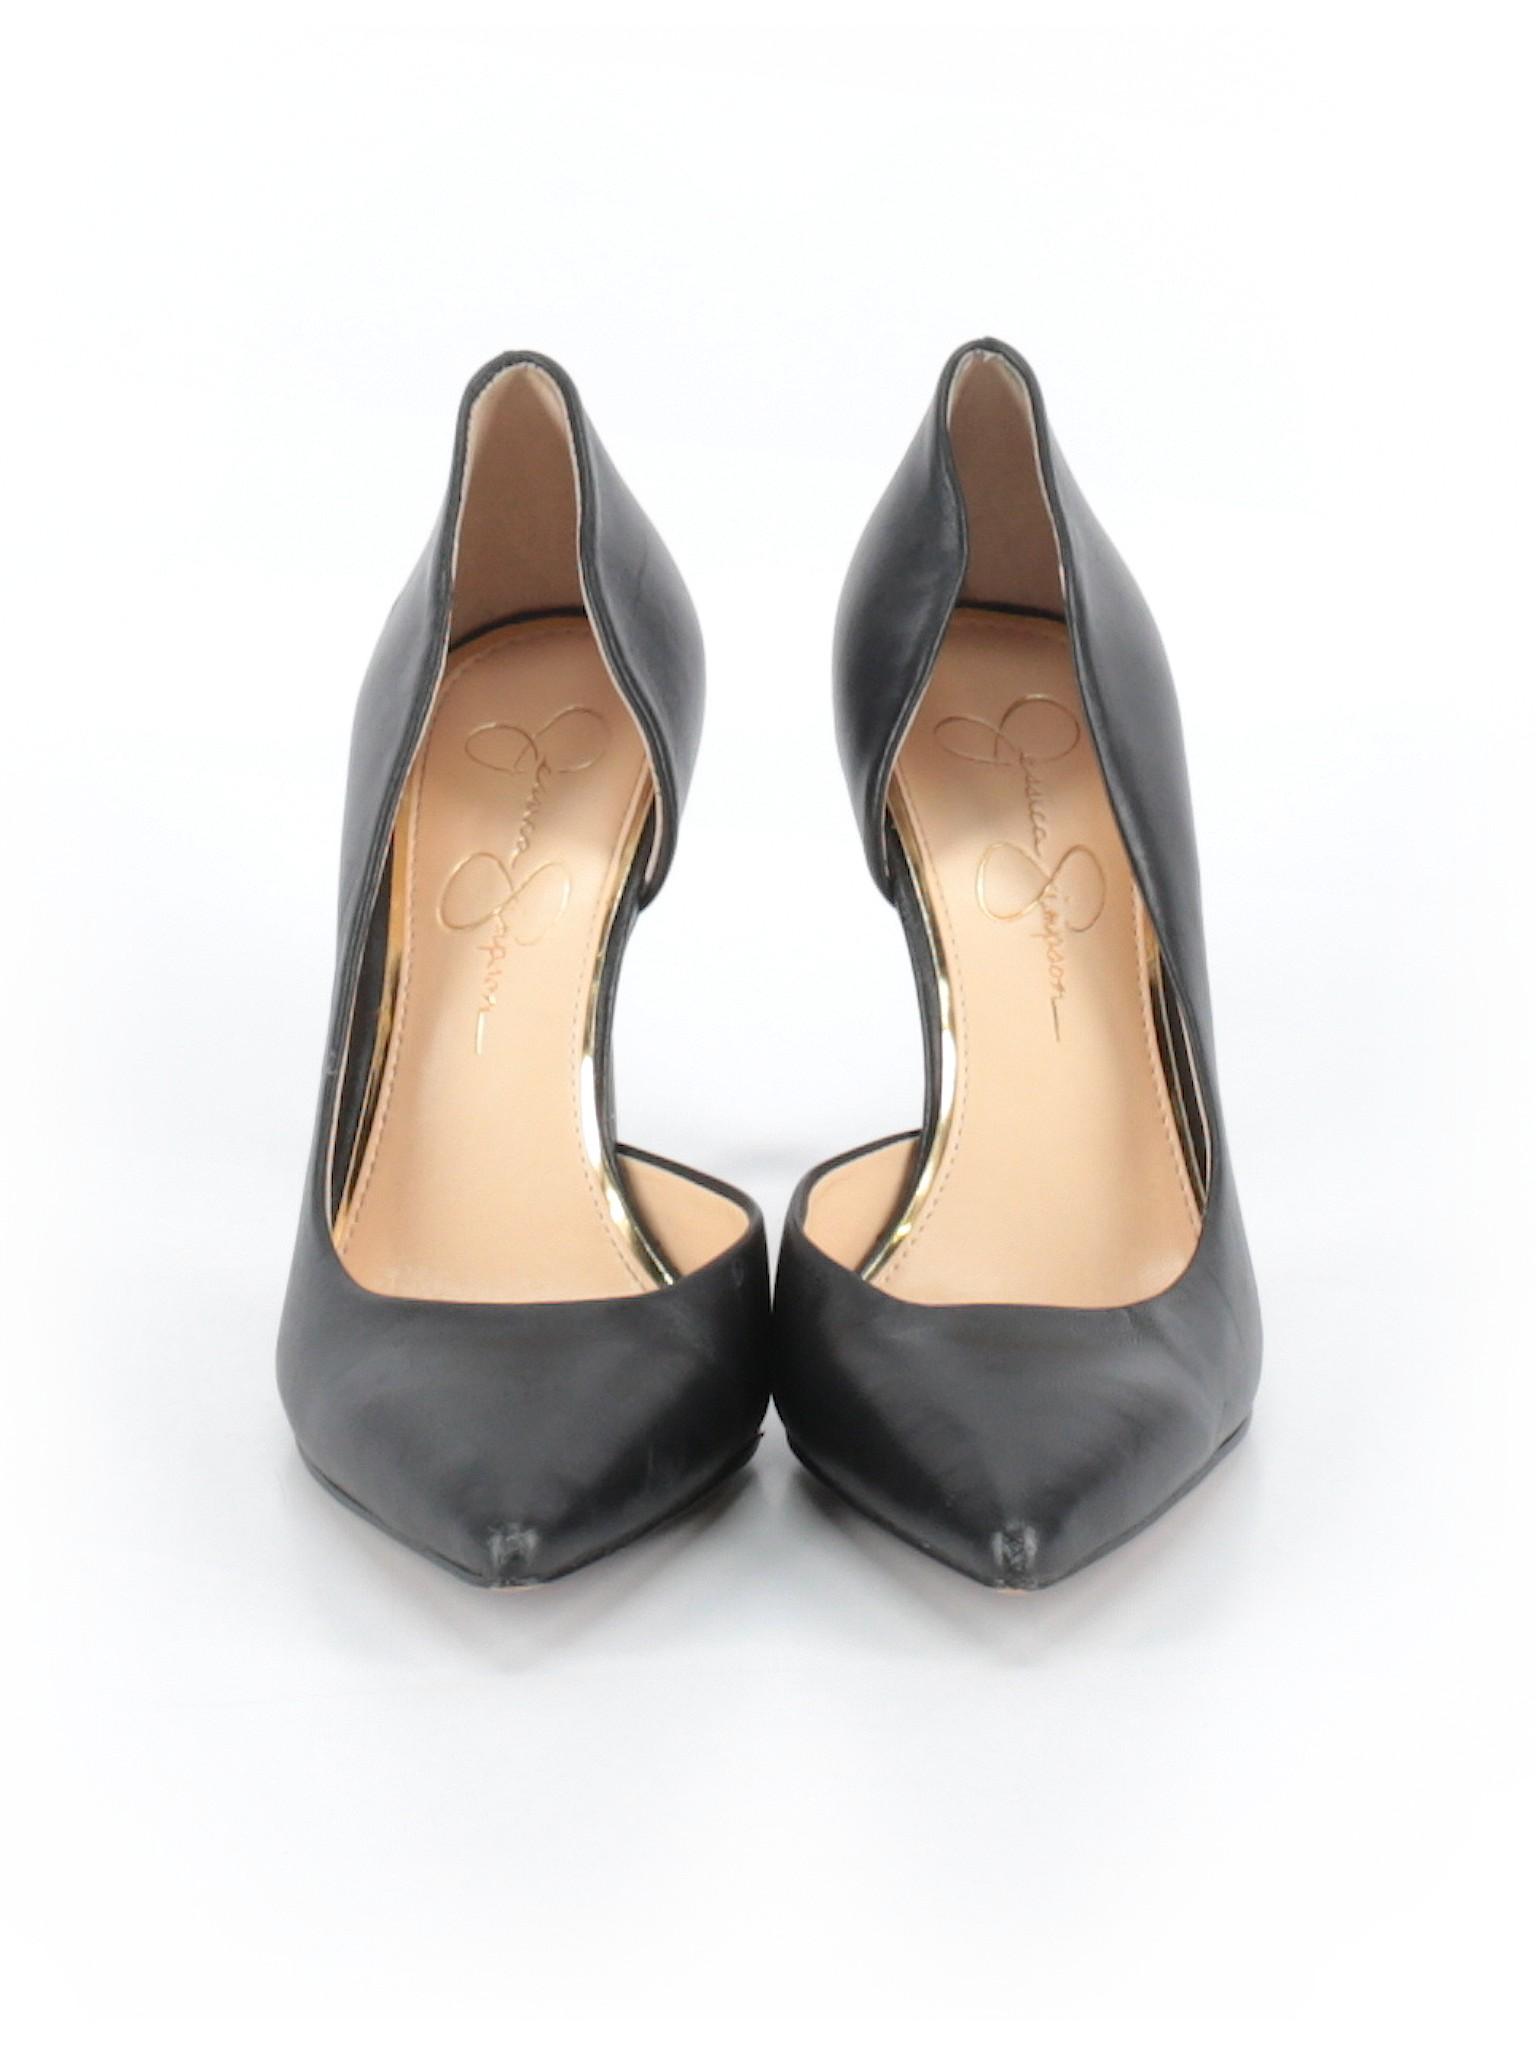 Boutique Heels promotion Simpson Jessica Boutique Simpson Heels promotion Jessica UrqapP7U